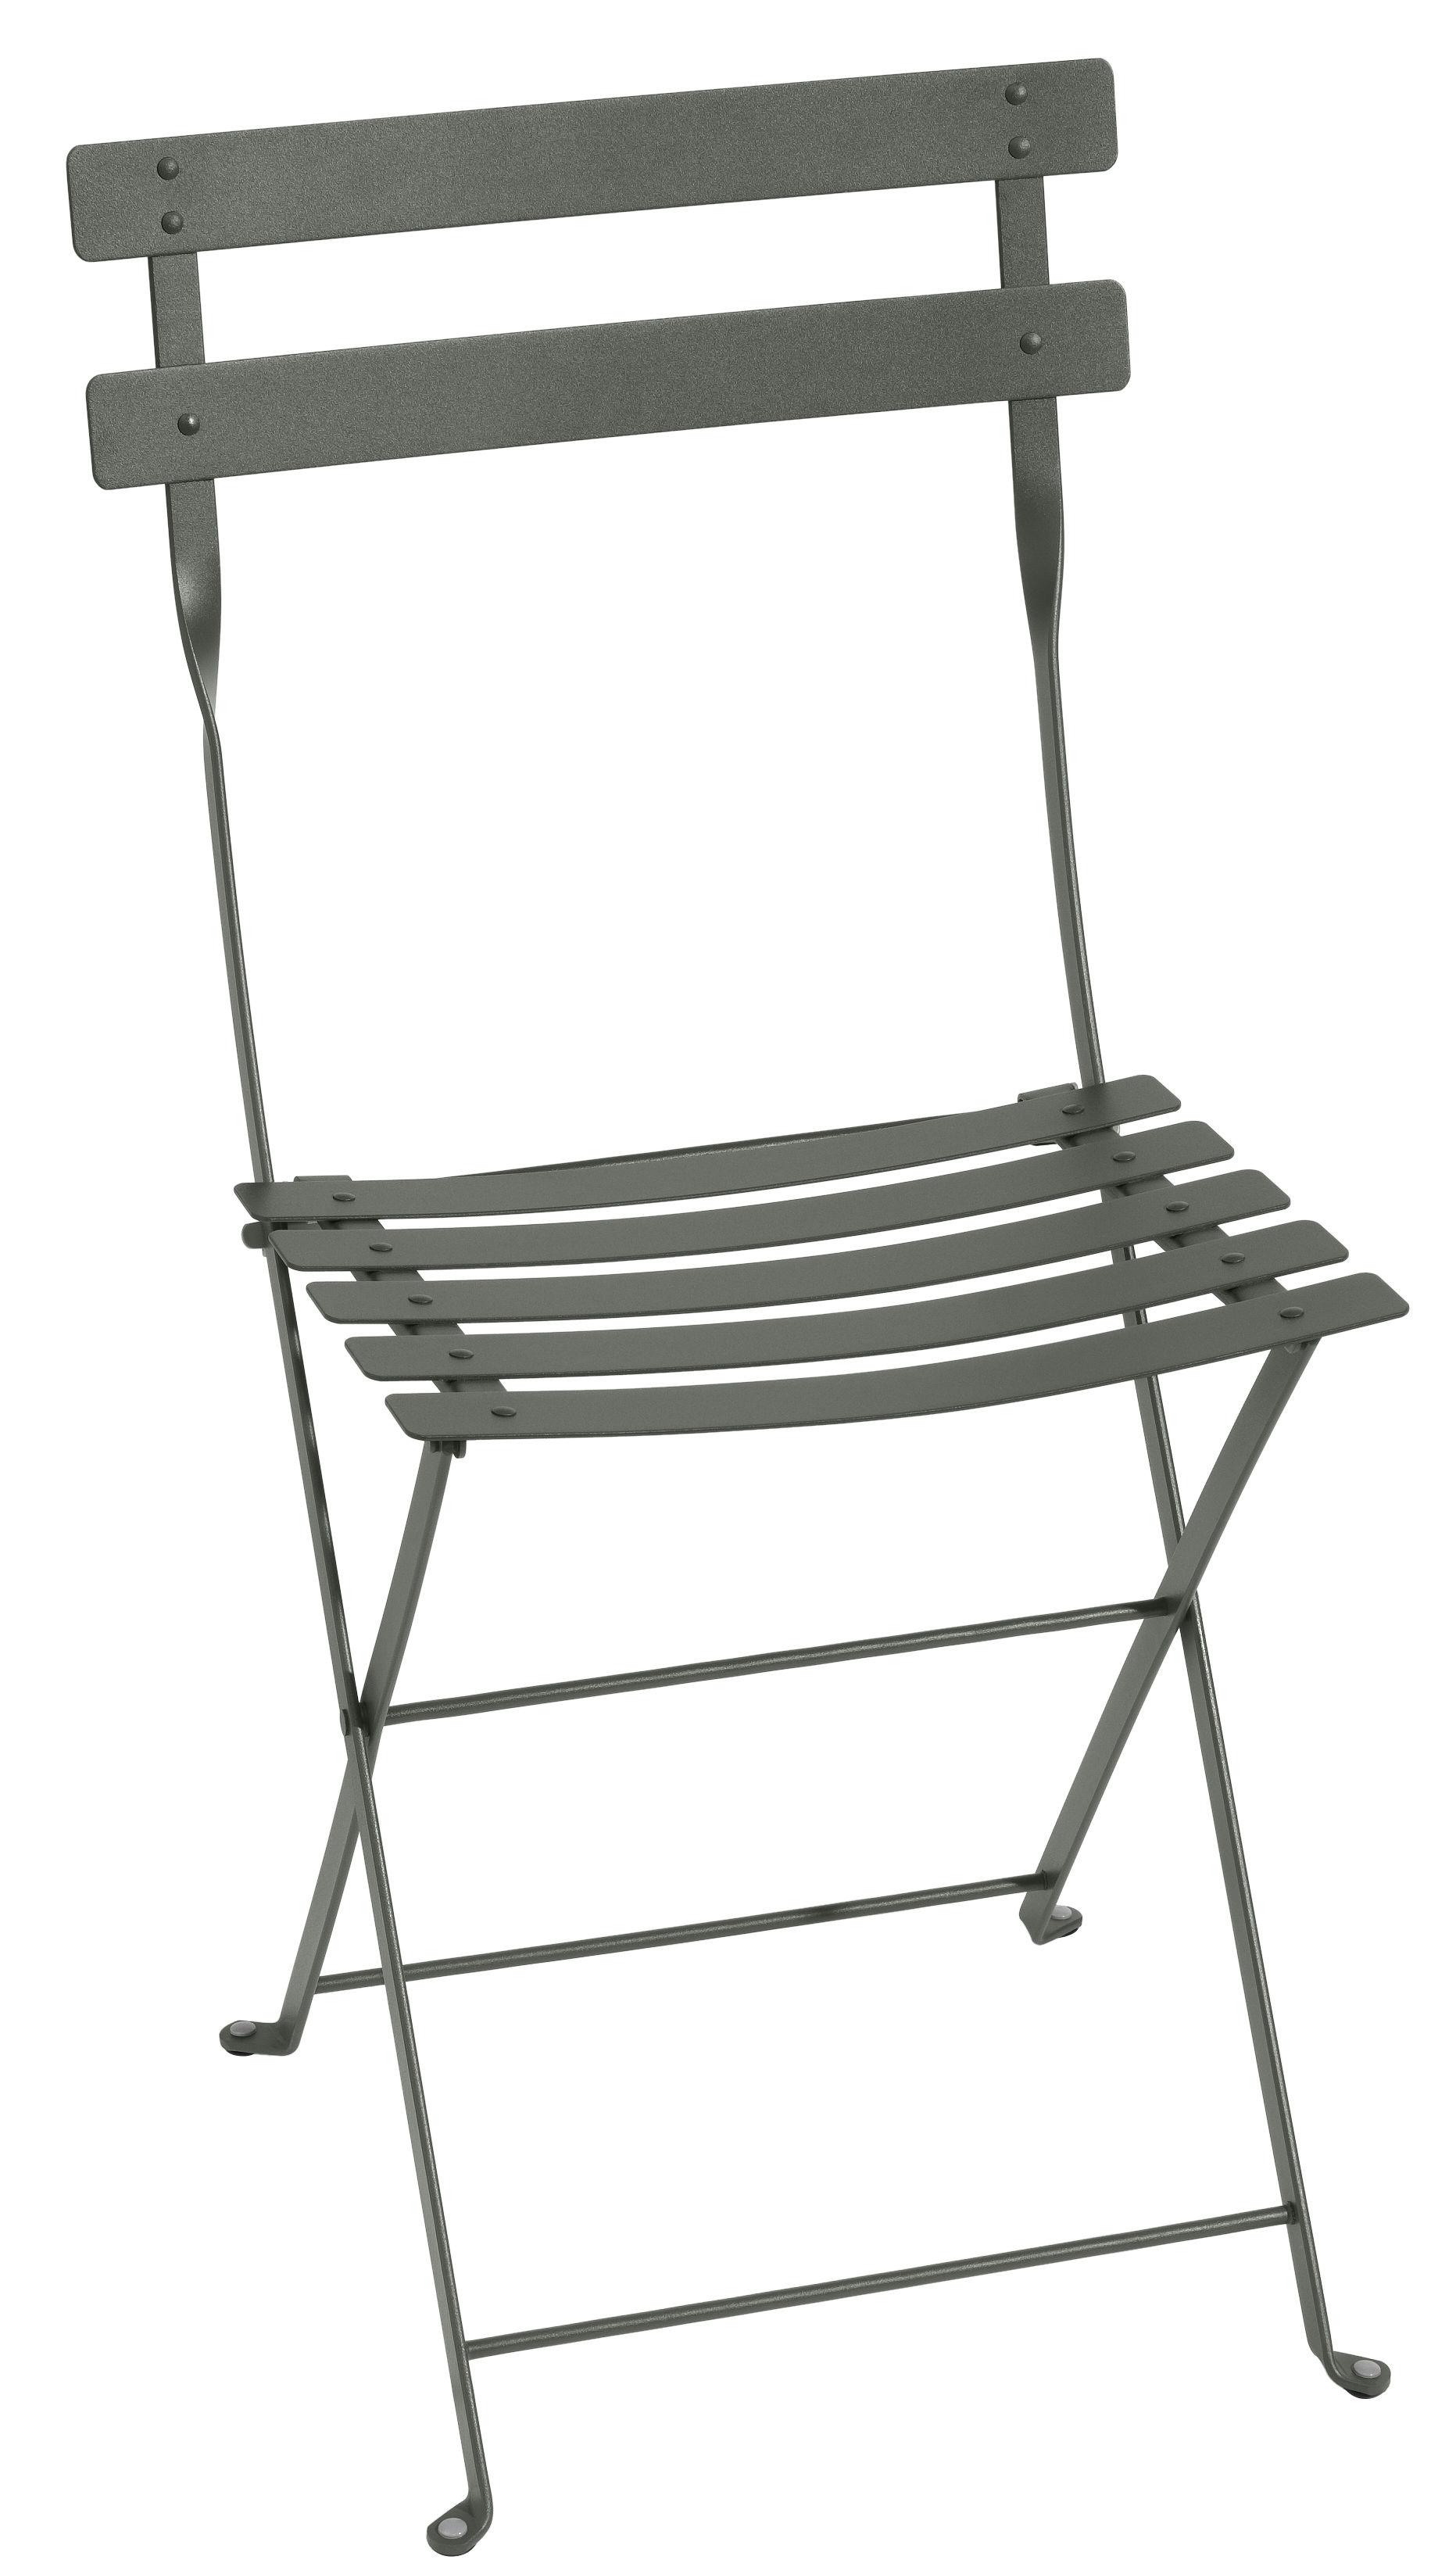 Mobilier - Chaises, fauteuils de salle à manger - Chaise pliante Bistro / Métal - Fermob - Romarin - Acier laqué